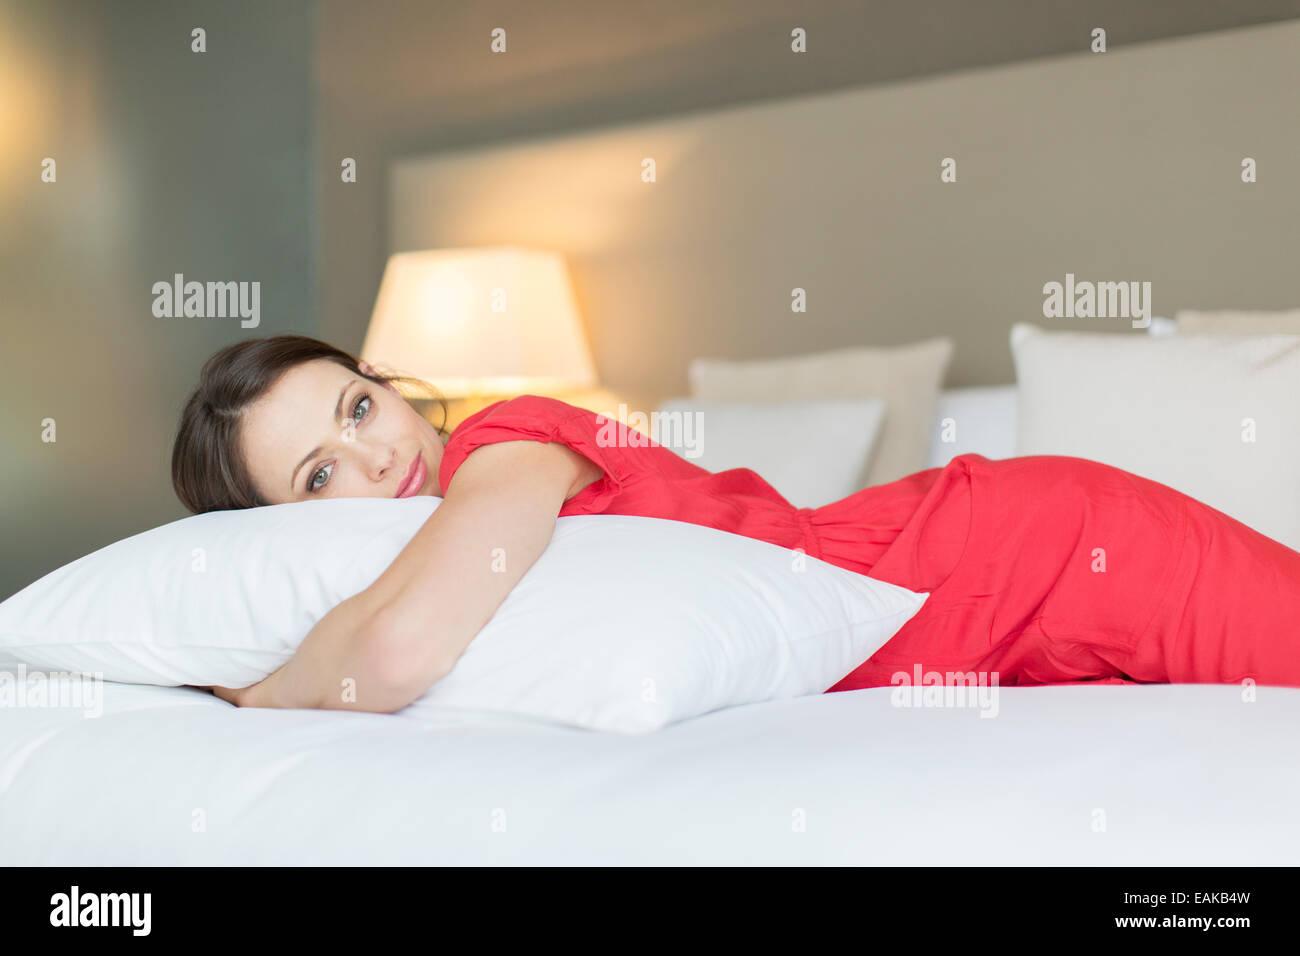 Portrait der schönen Frau roten Kleid auf Bett liegend und Kissen umarmt Stockbild